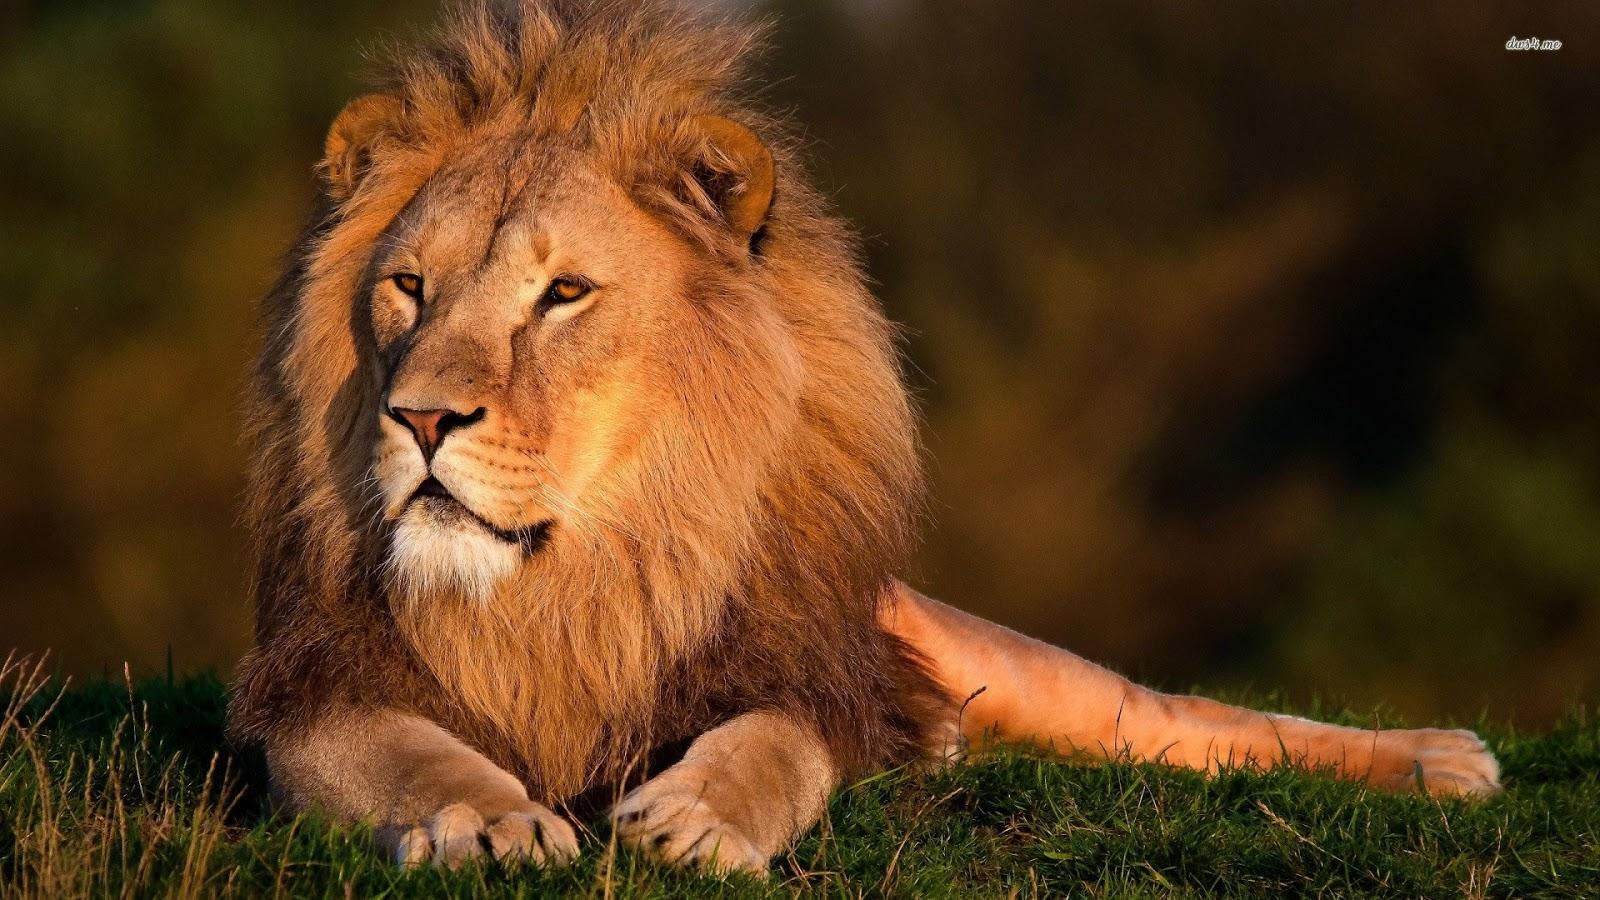 Hd wallpaper lion - Hd Wallpaper Lion 85